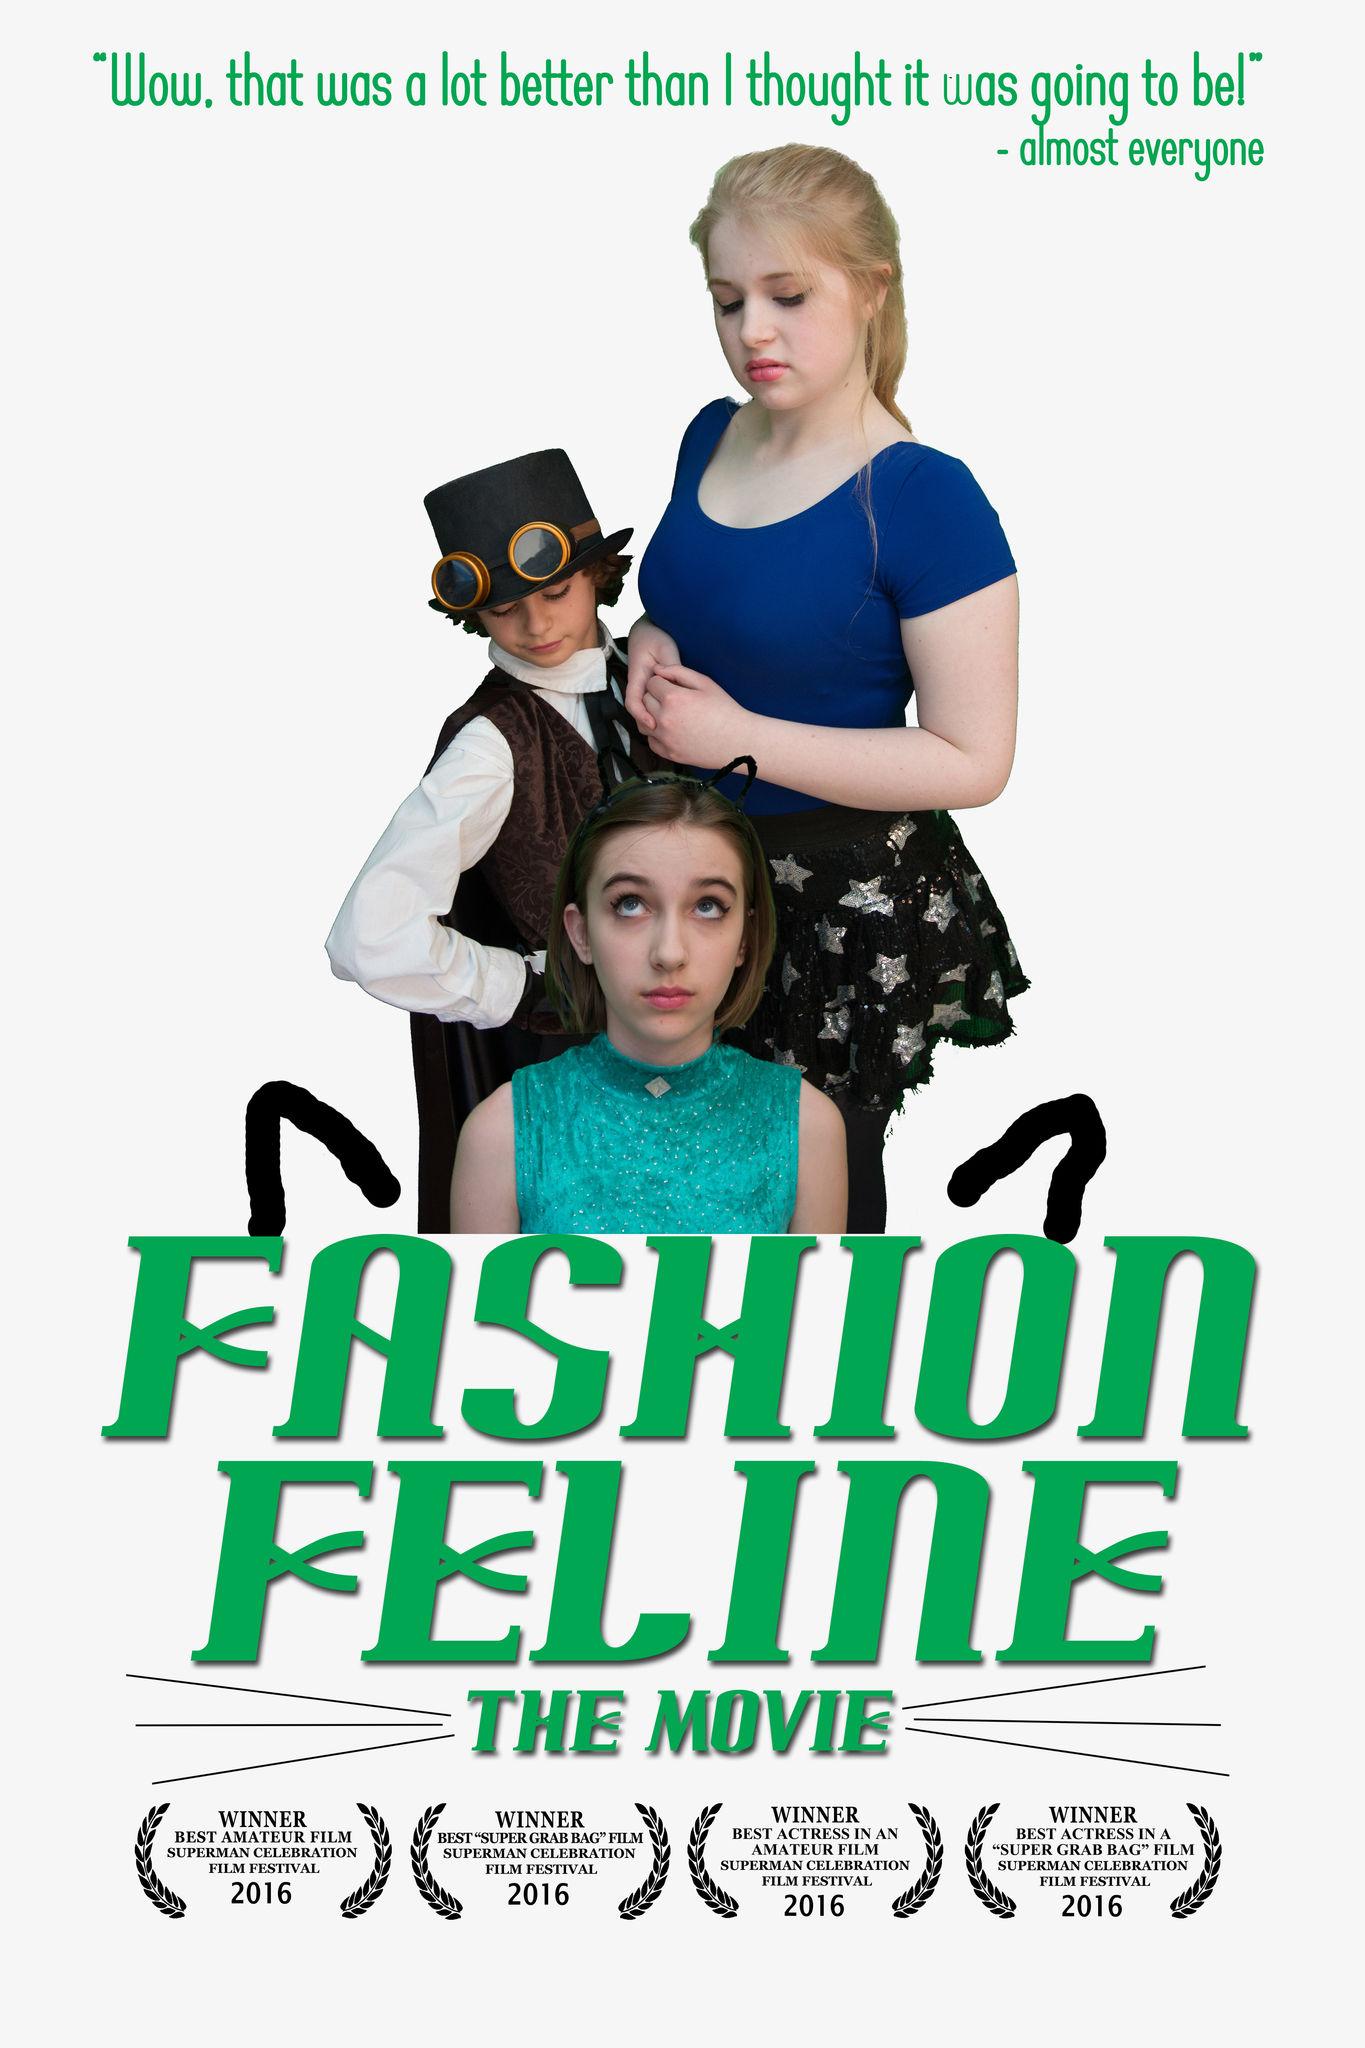 Fashion Feline